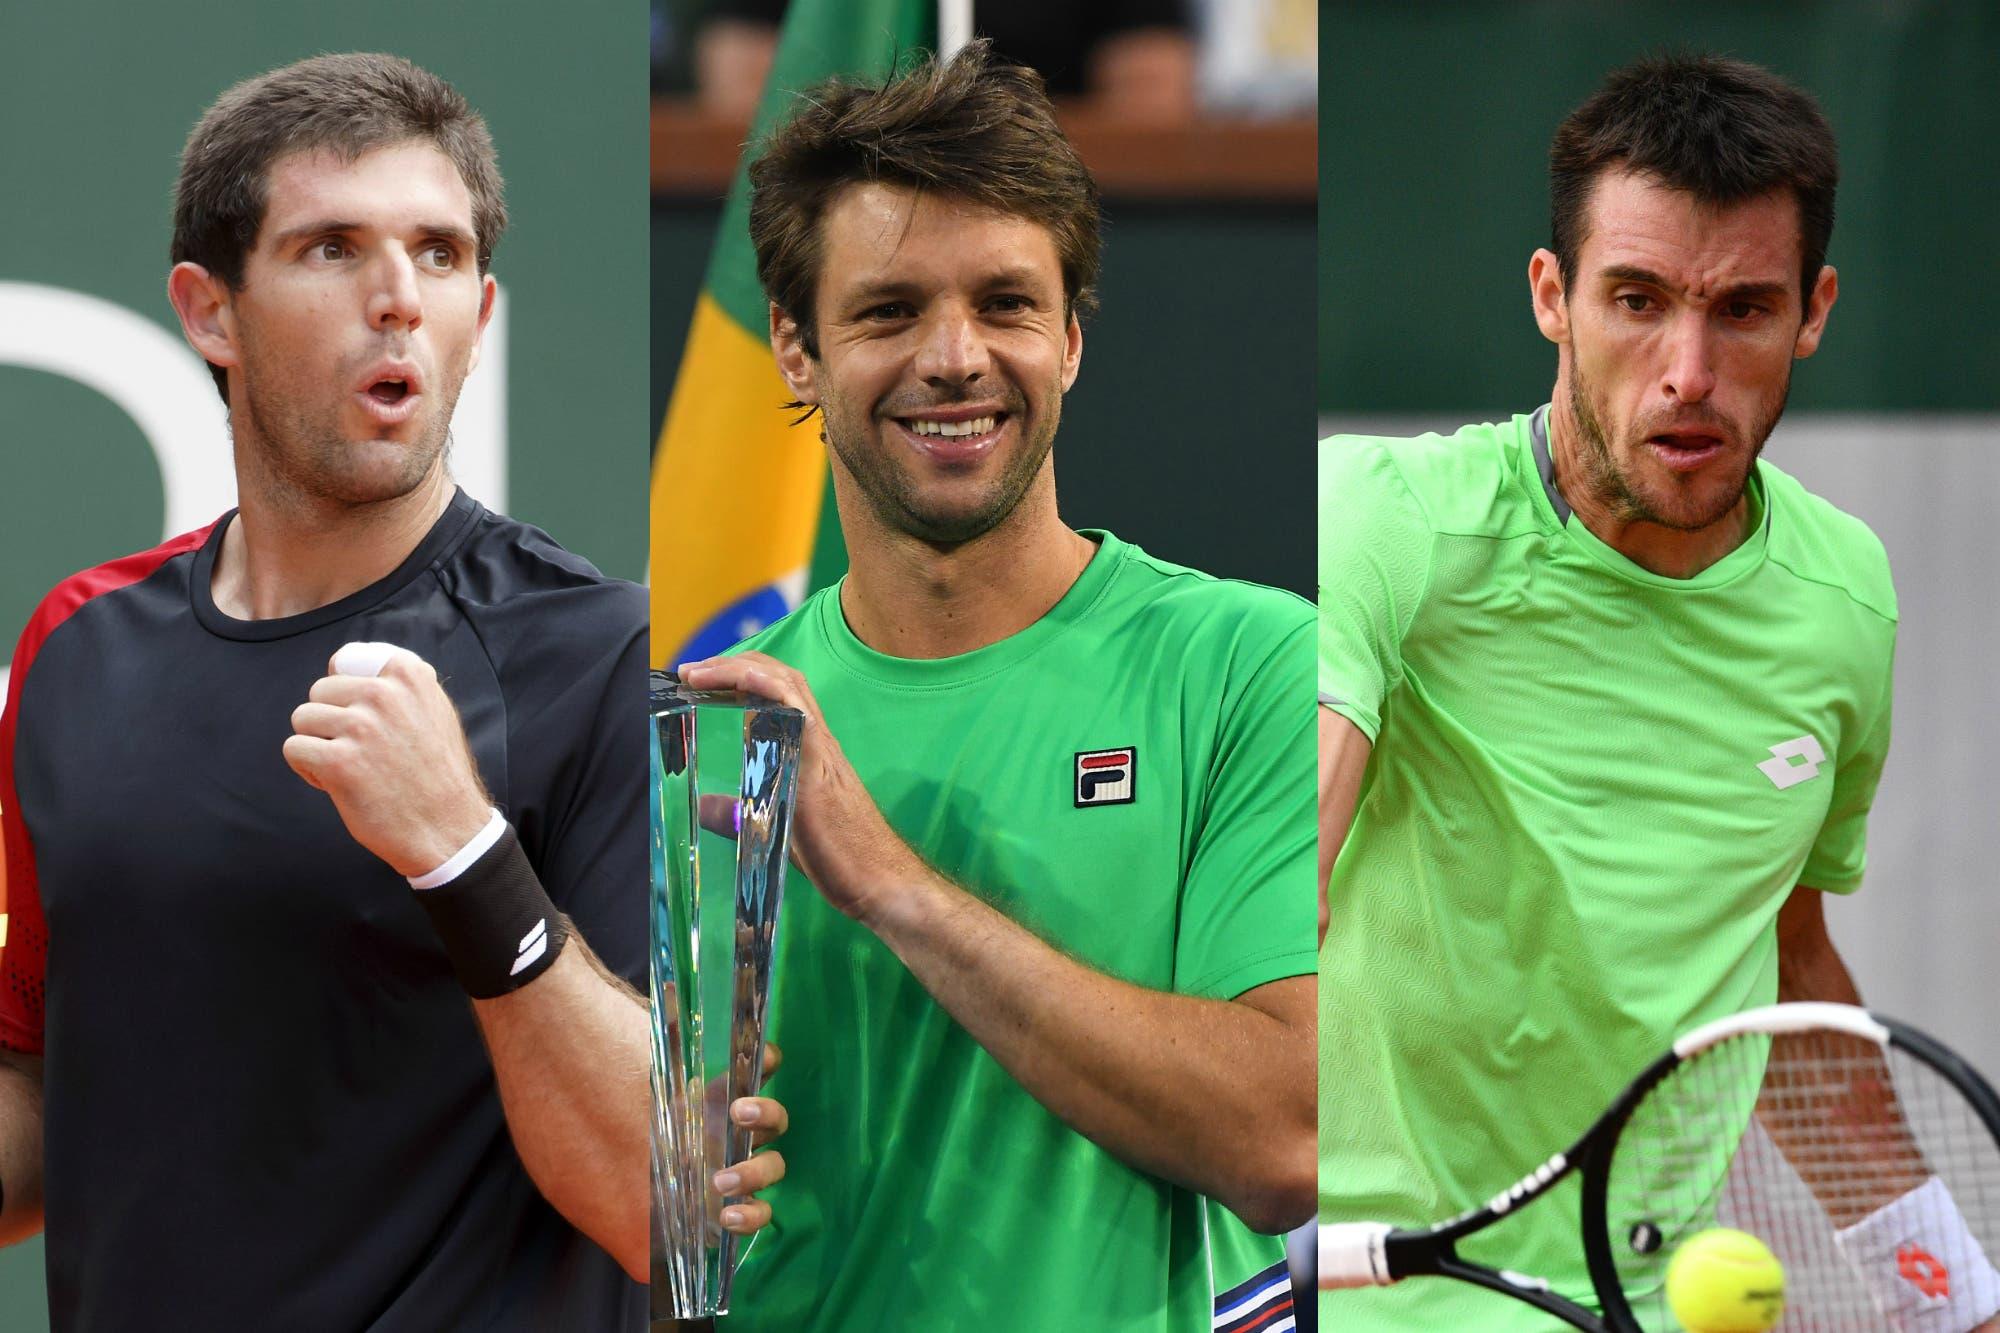 Los Interclubes del tenis argentino: con equipos recargados y finales en una cancha de carpeta en el BALTC